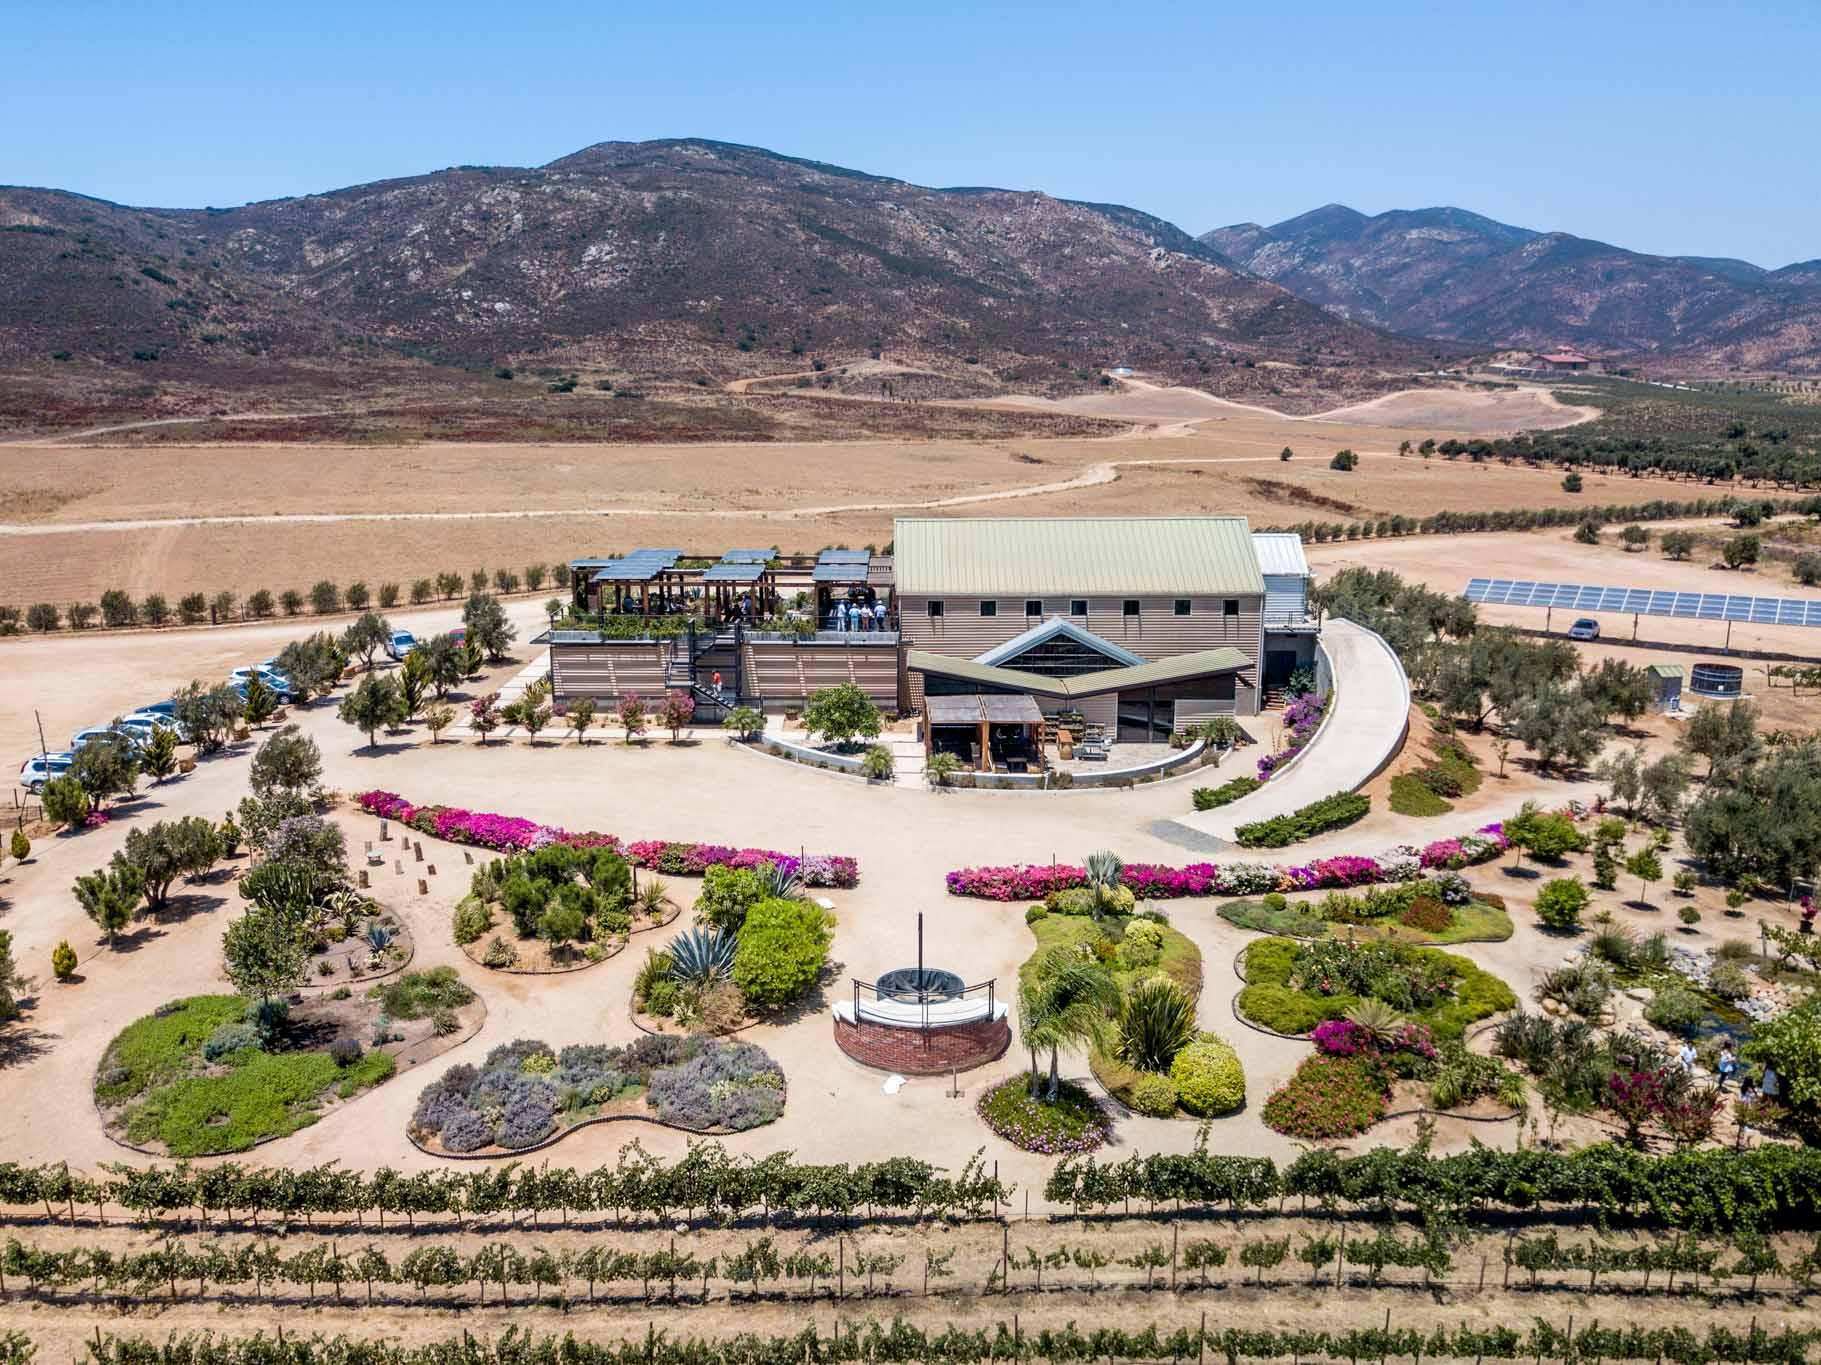 Aerial view of the Finca la Carrodilla Winery